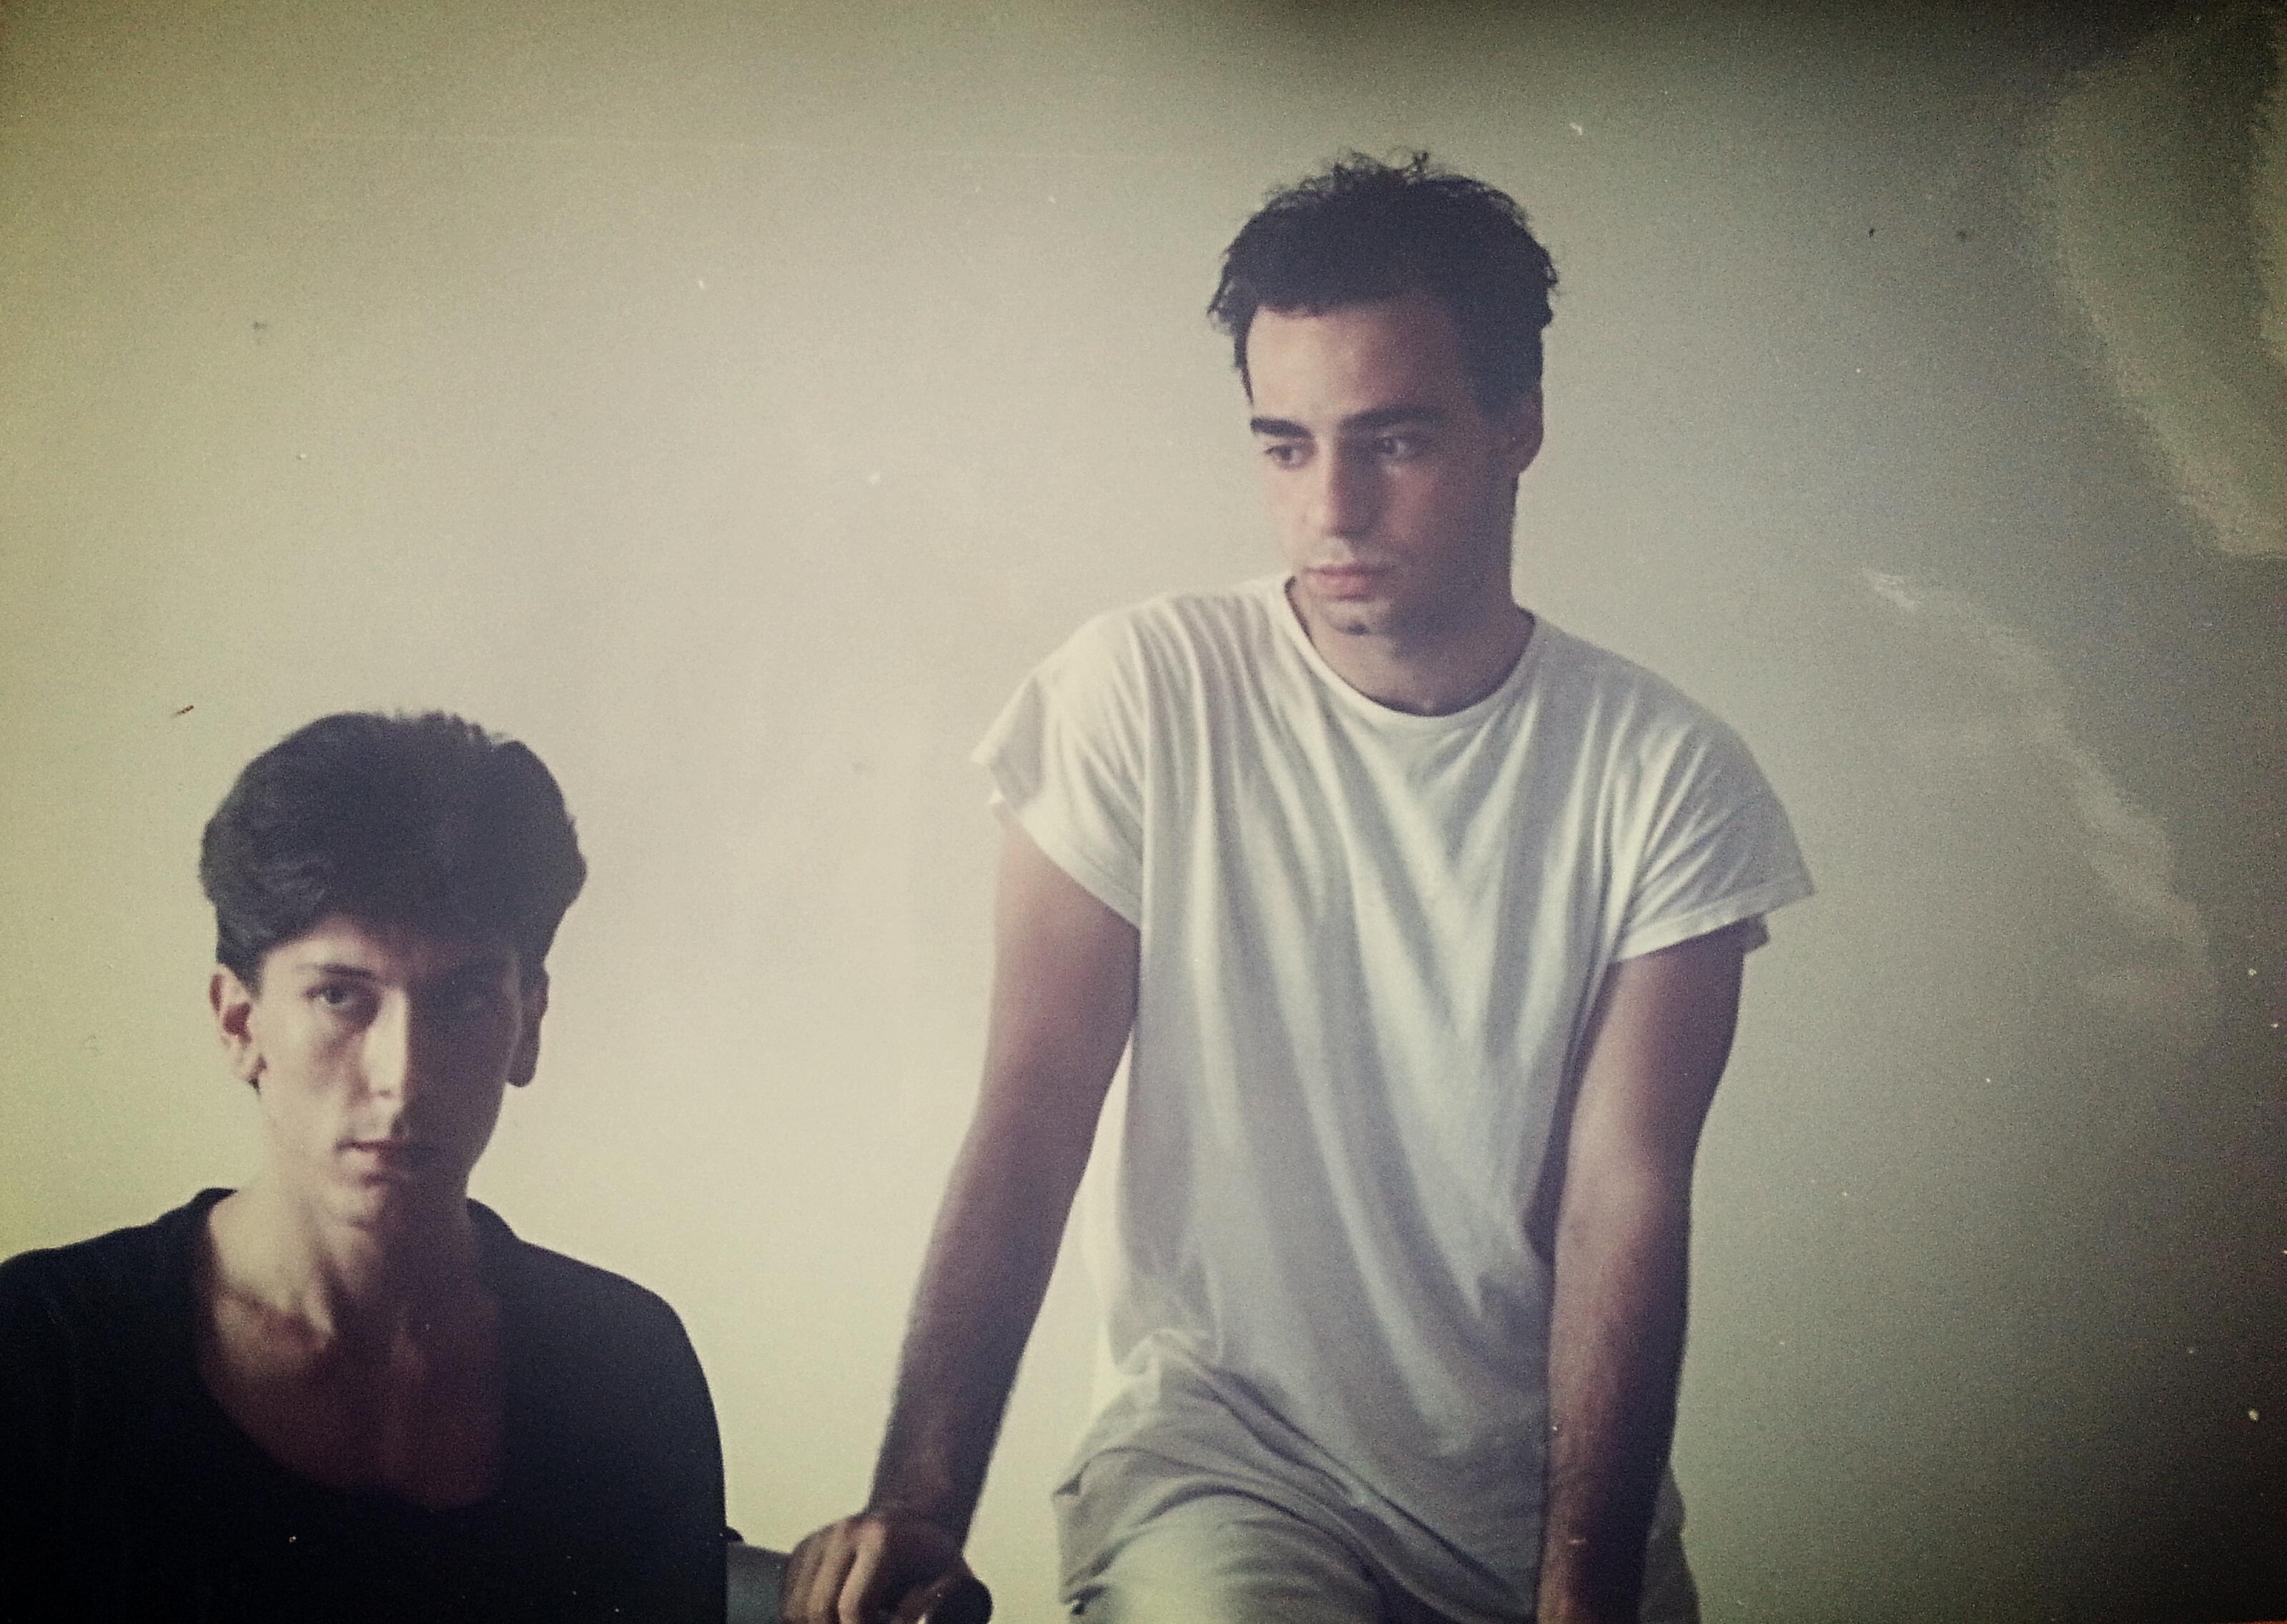 1986 ο Φοίβος και εγώ σε φωτογράφηση που έκανε φίλος.